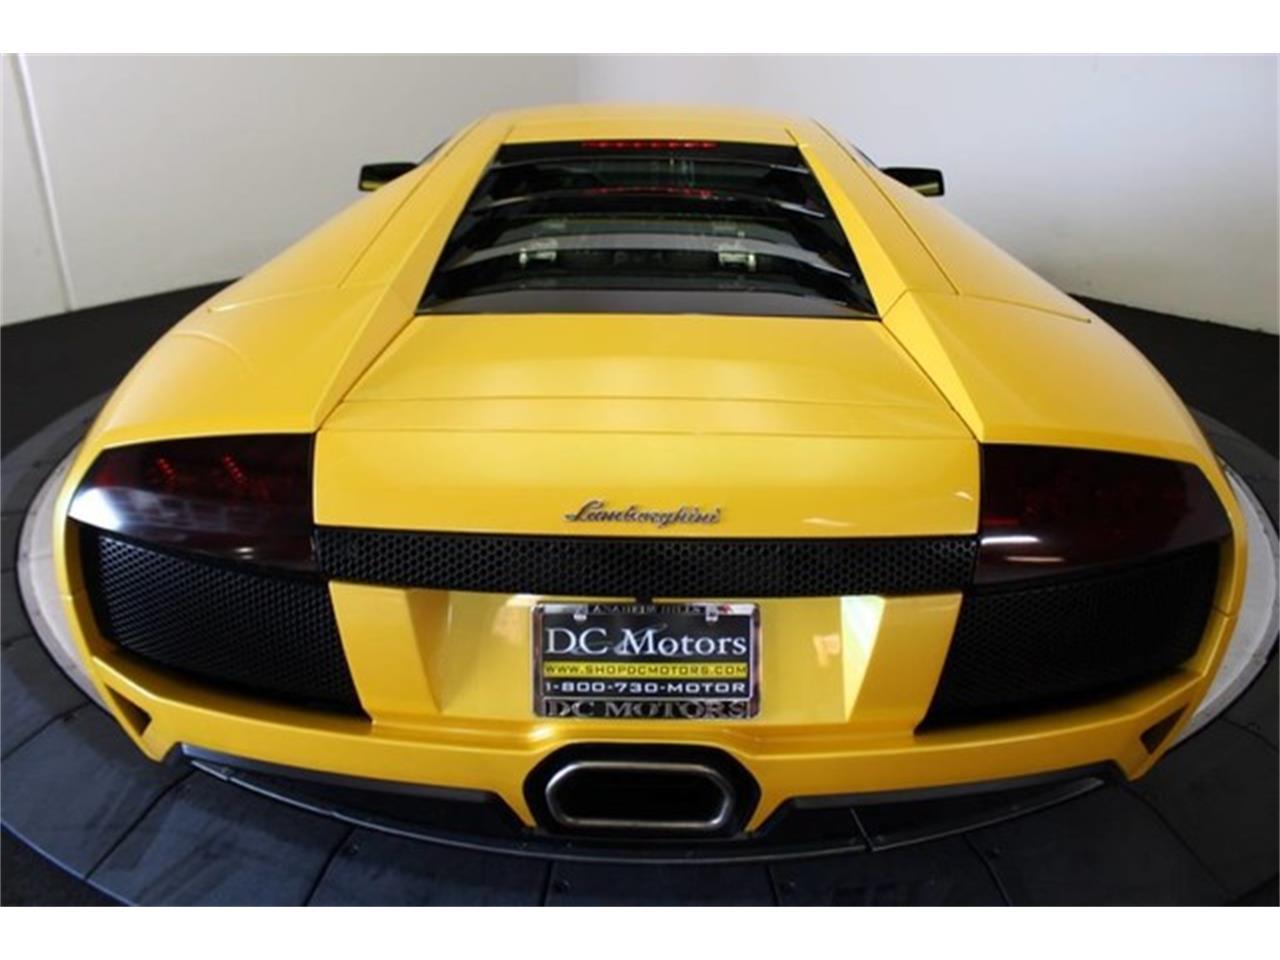 Large Picture of '07 Lamborghini Murcielago - $165,900.00 - L7IL